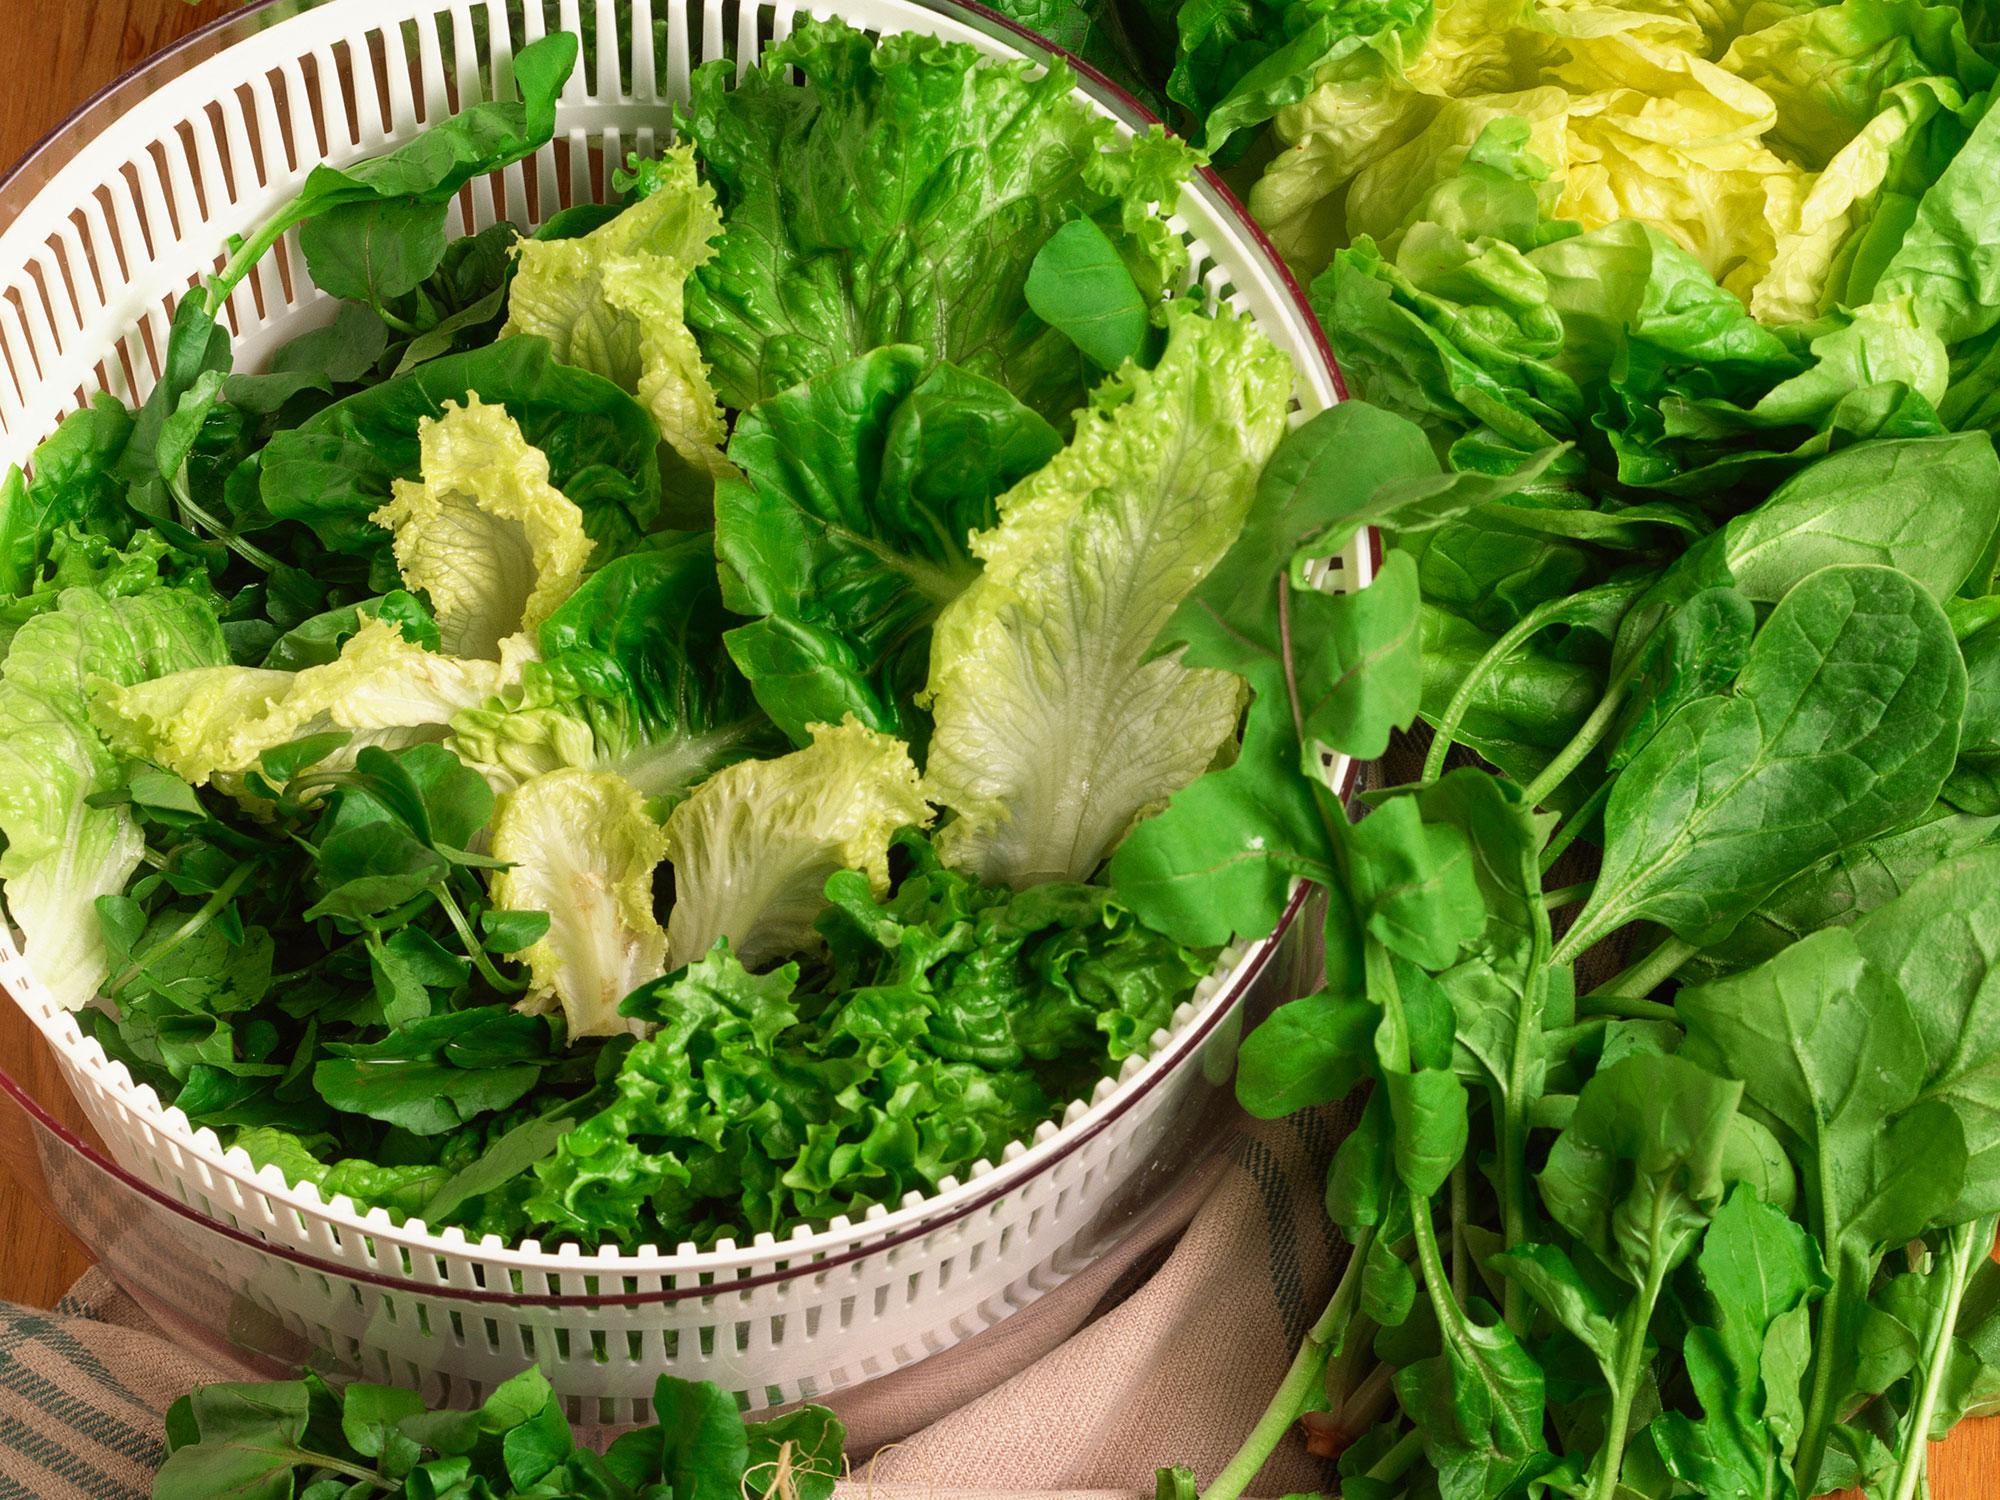 salad-spinner.jpg